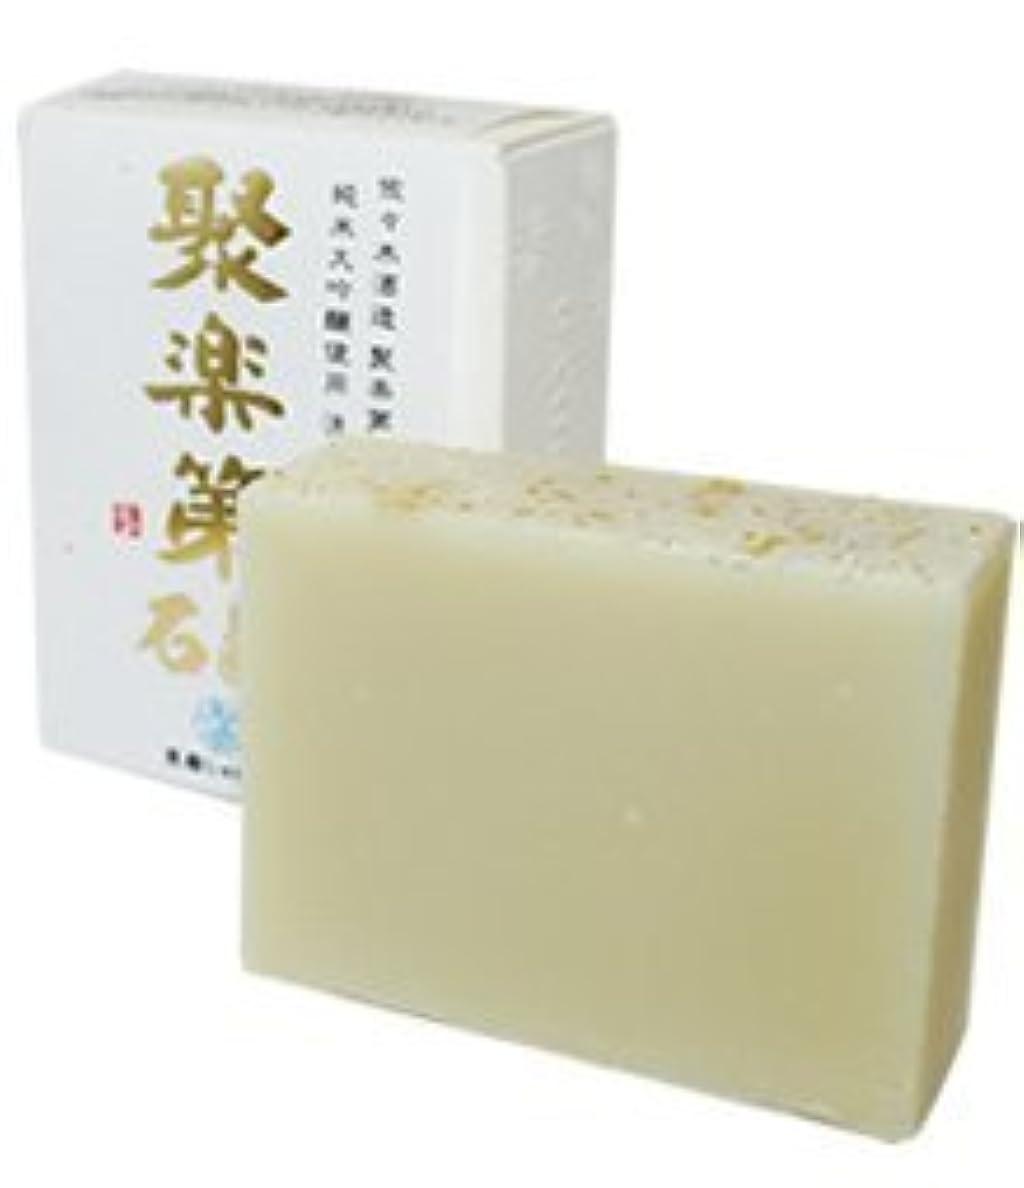 パブ太字ファイター聚楽第石鹸 石鹸屋(京都しゃぼんや×佐々木酒造)洗顔石鹸